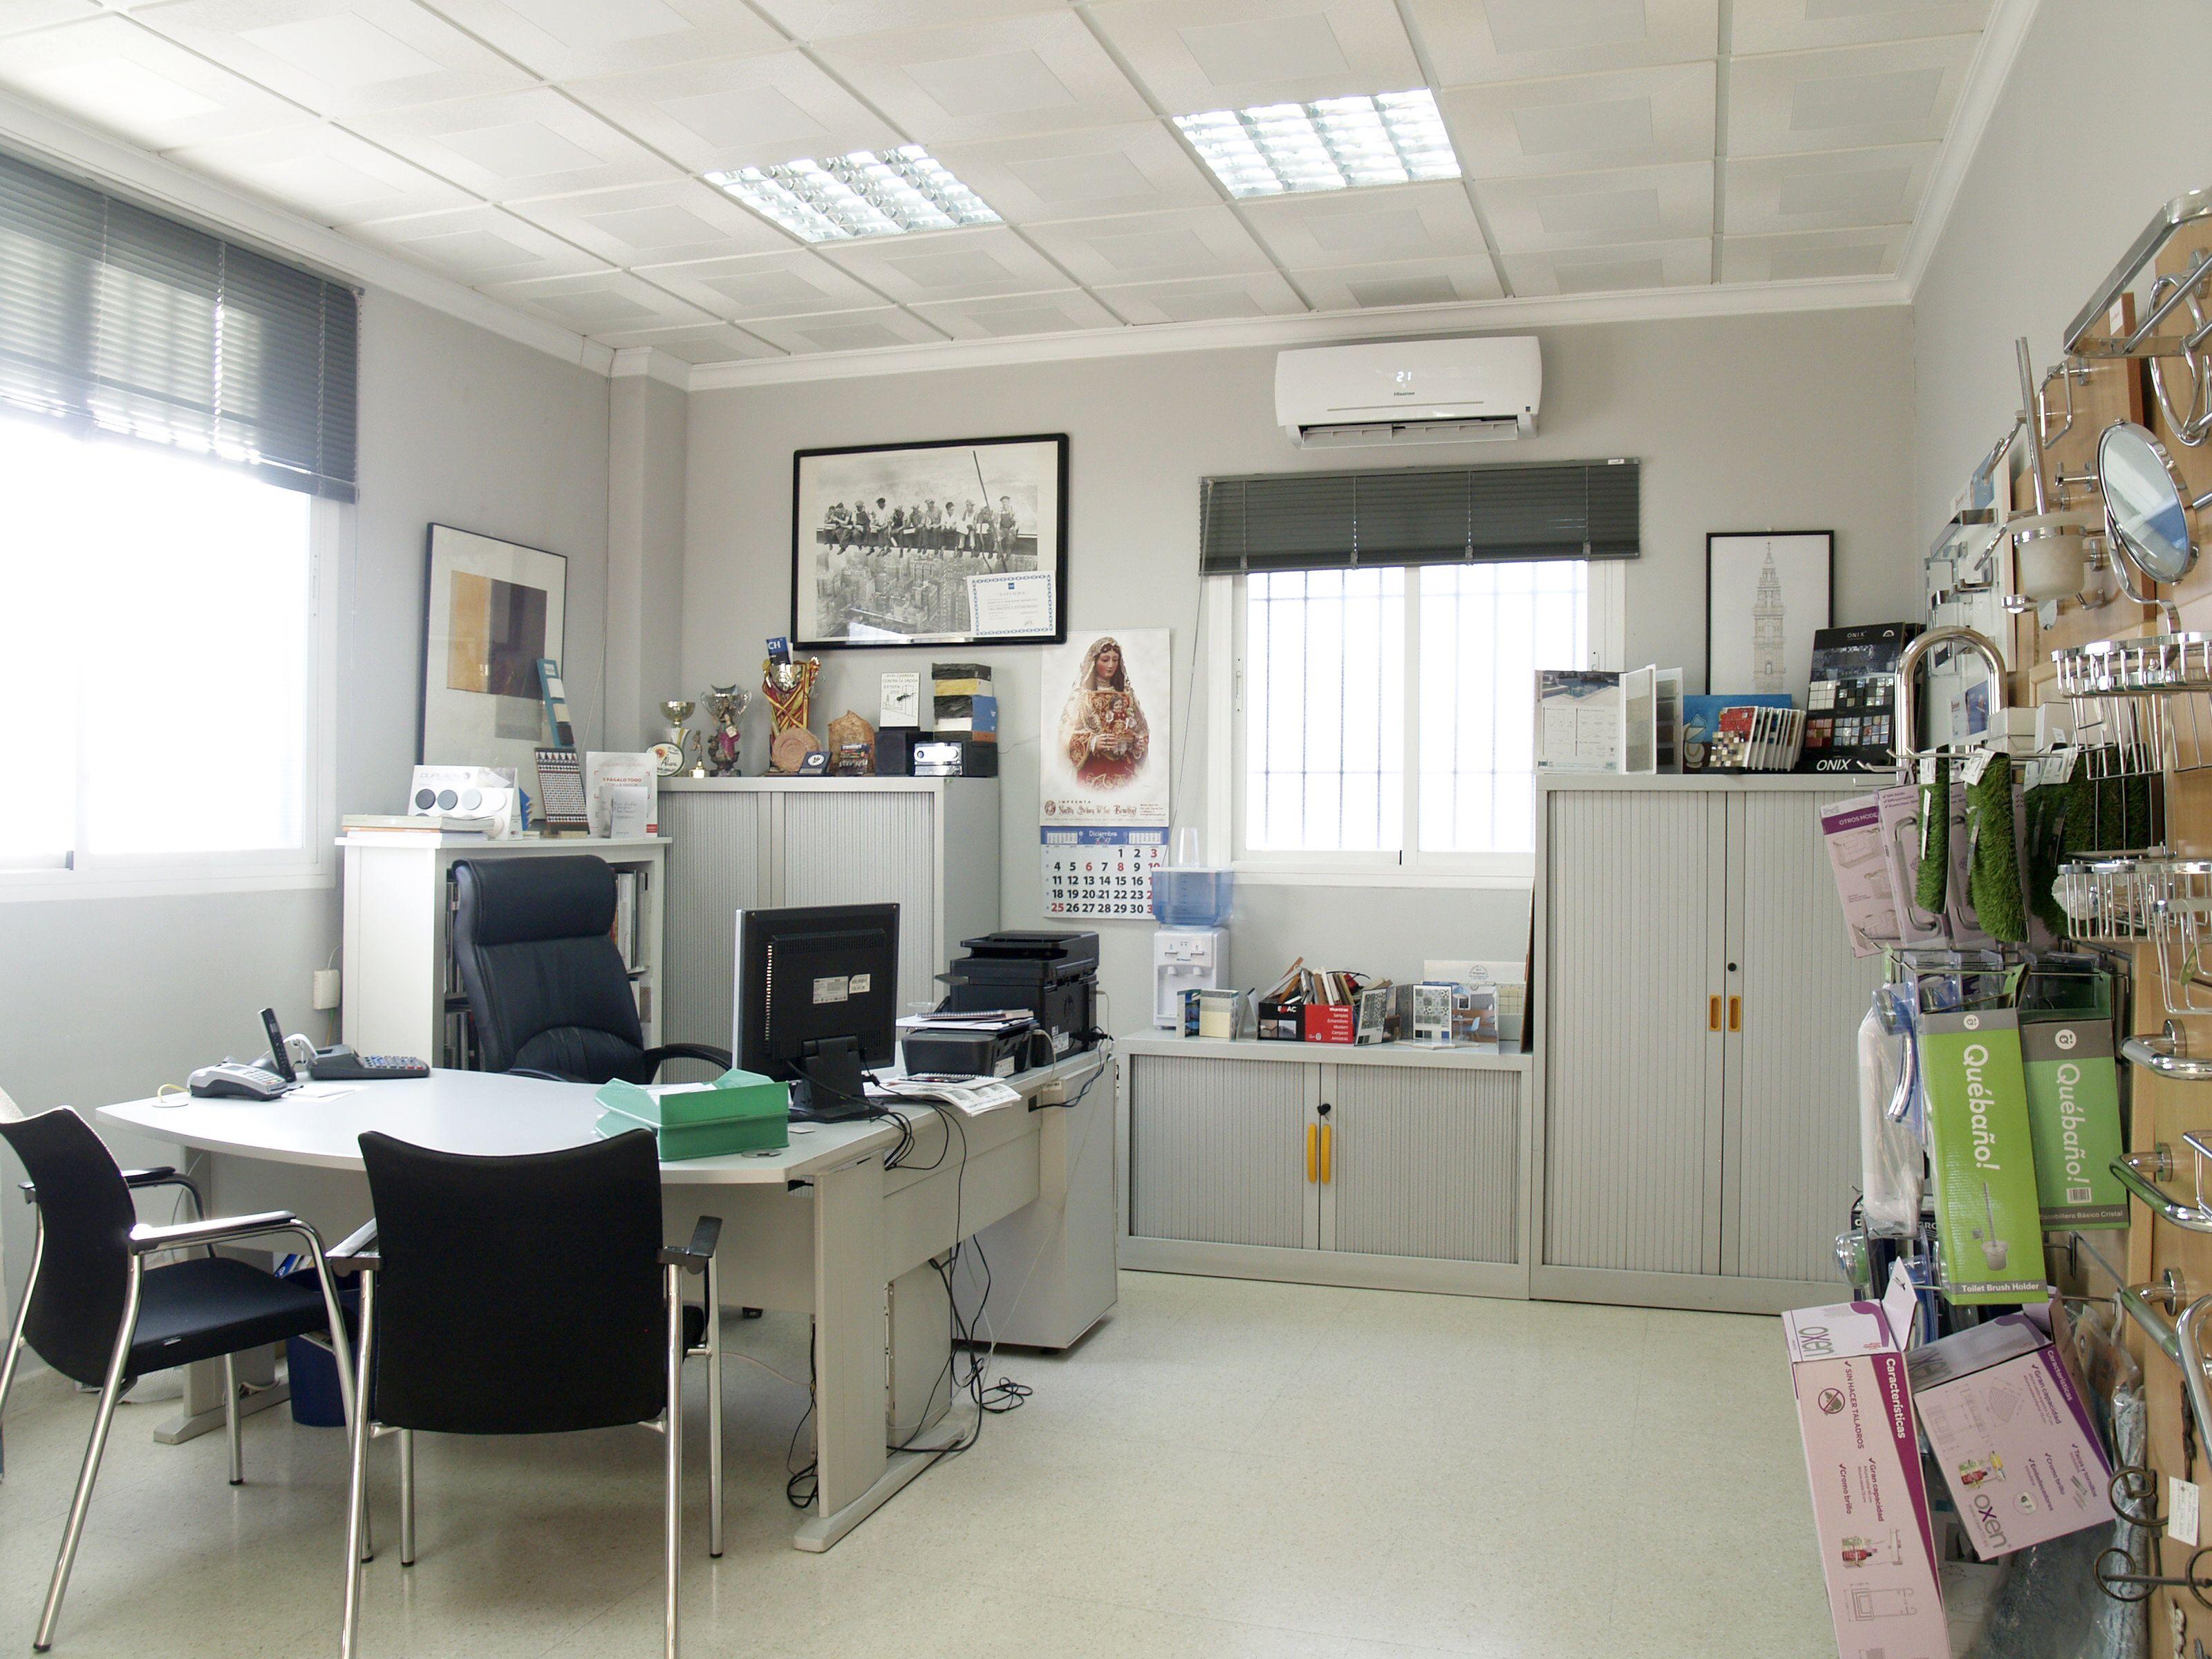 Oficinas de nuestra empresa de azulejos en Estepa